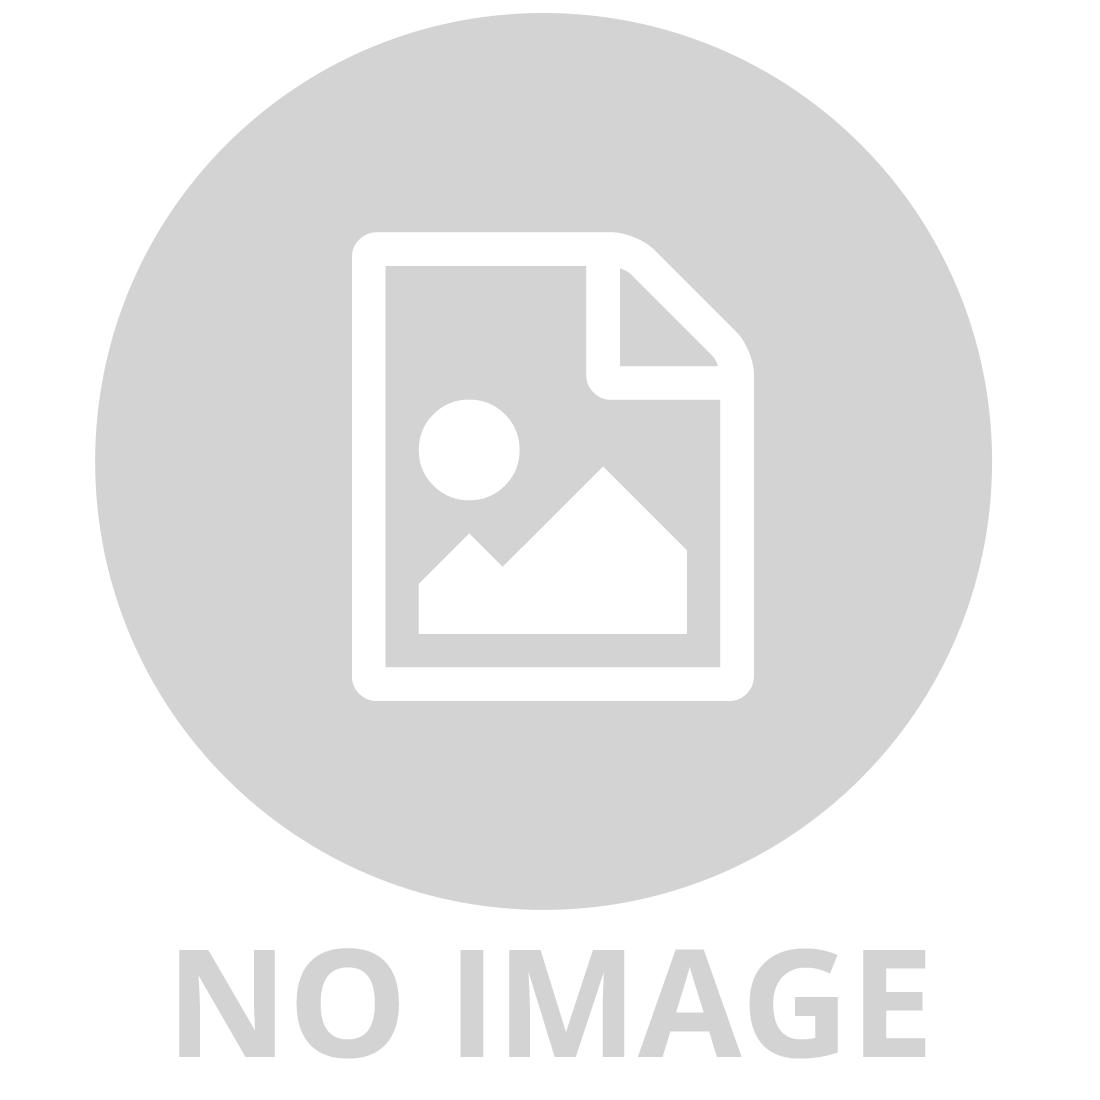 CRAYOLA 12 X TWISTABLES CRAYONS